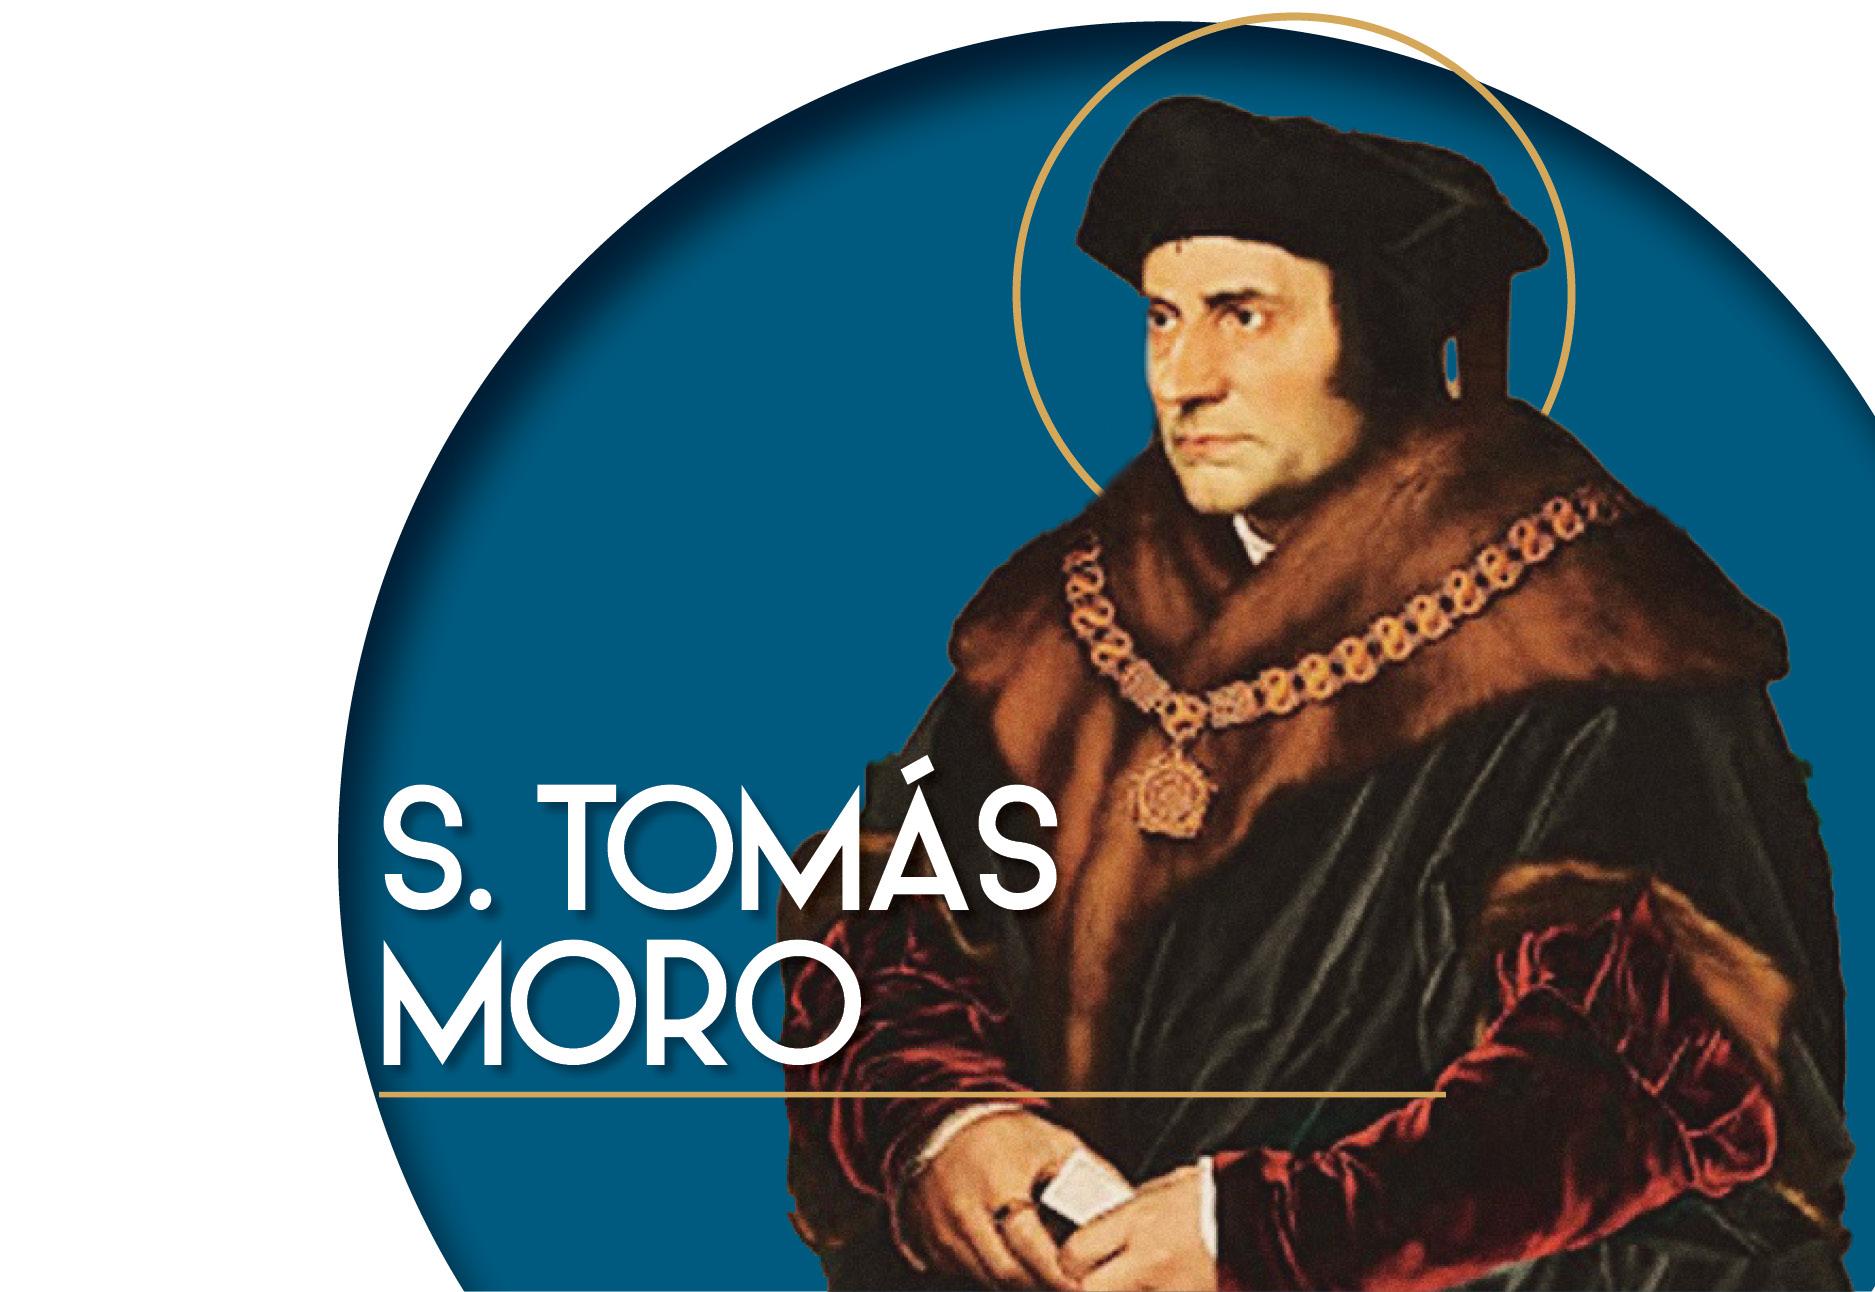 S. Tomás Moro